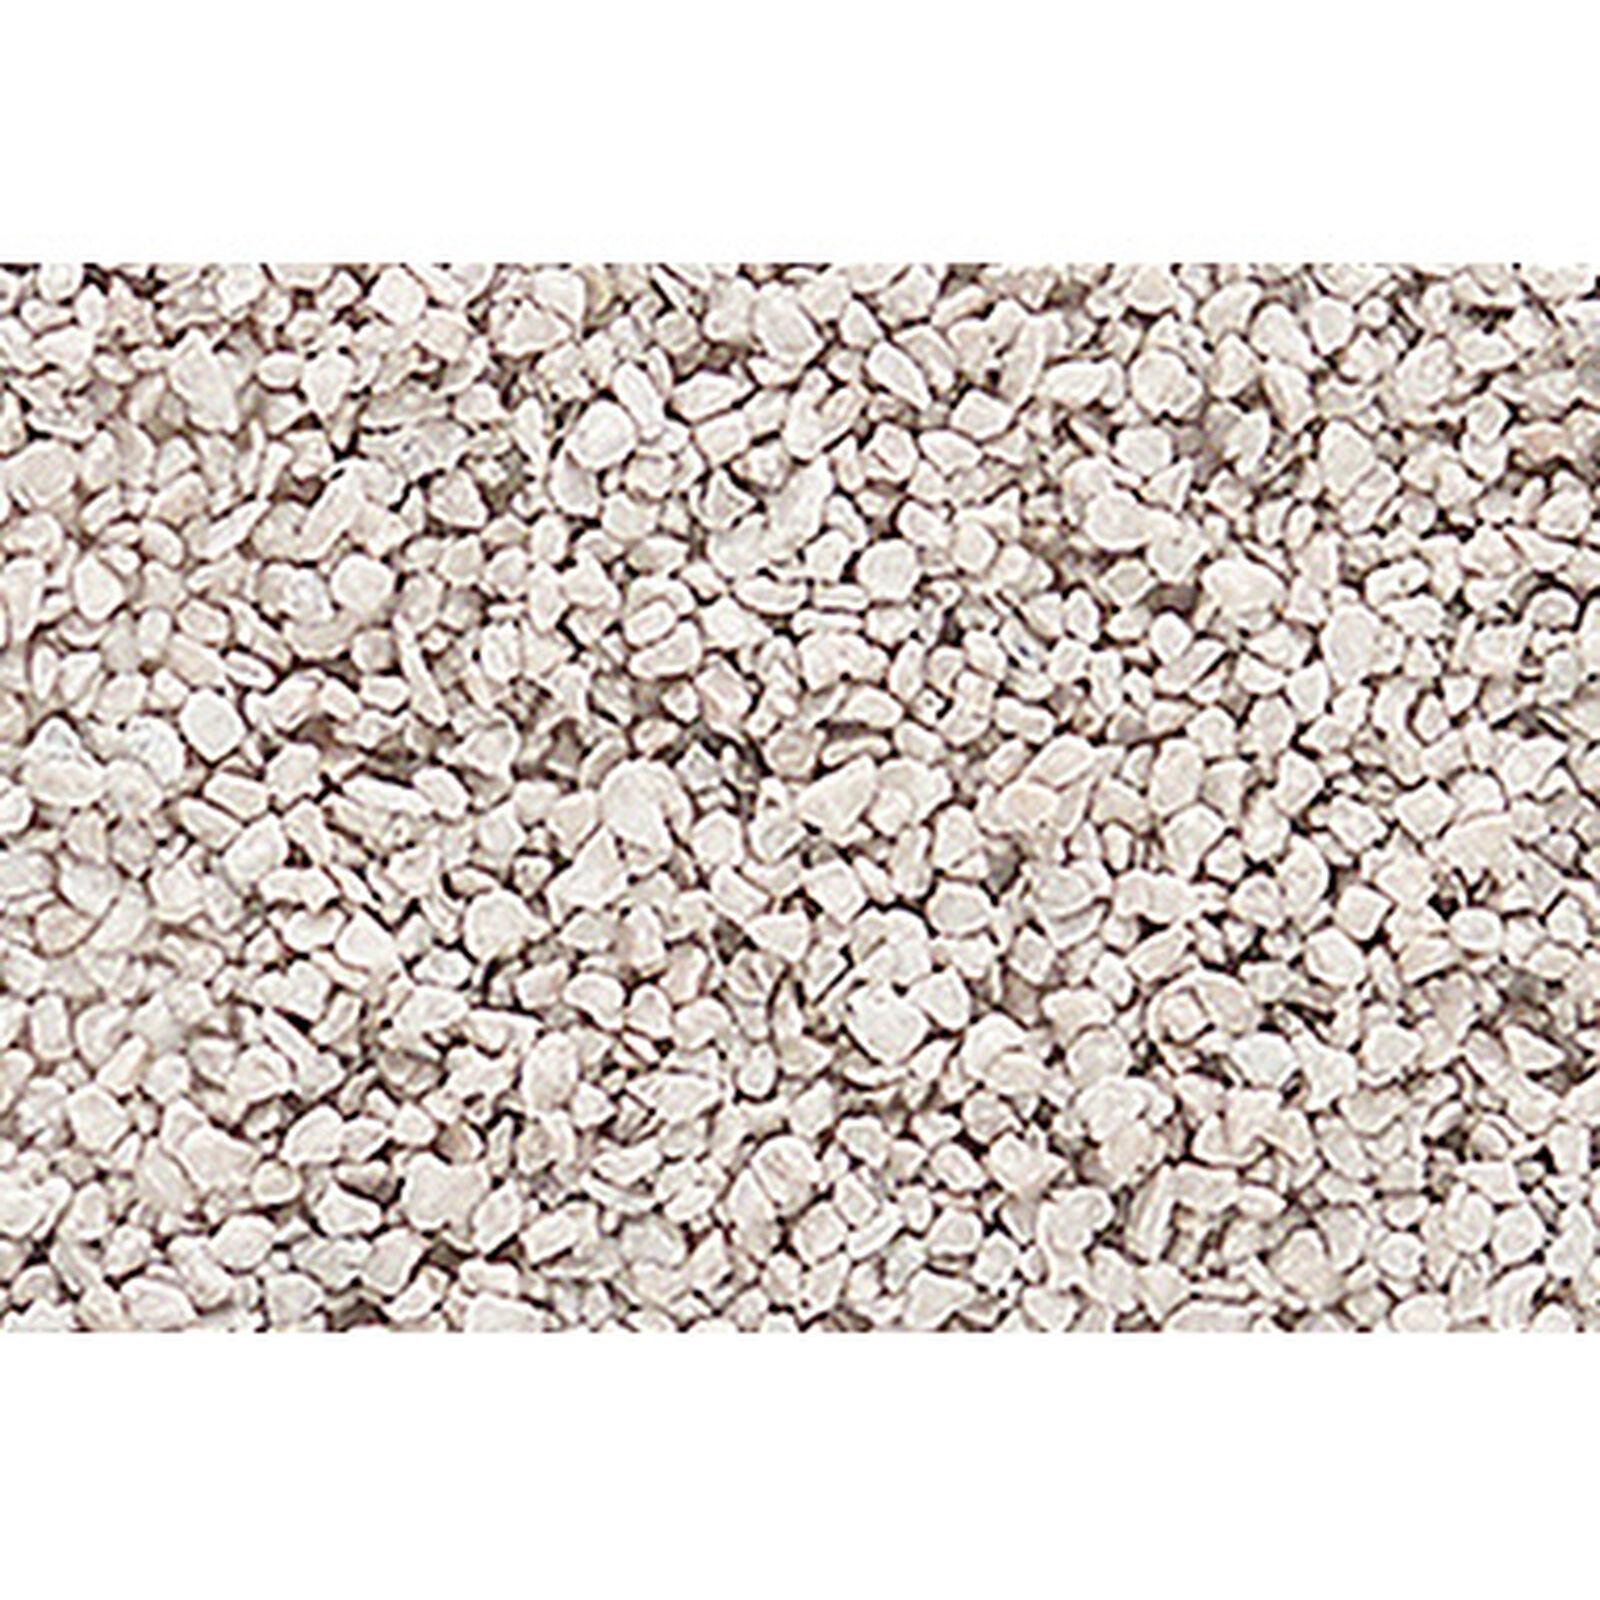 Medium Ballast Bag, Light Gray/18 cu. in.